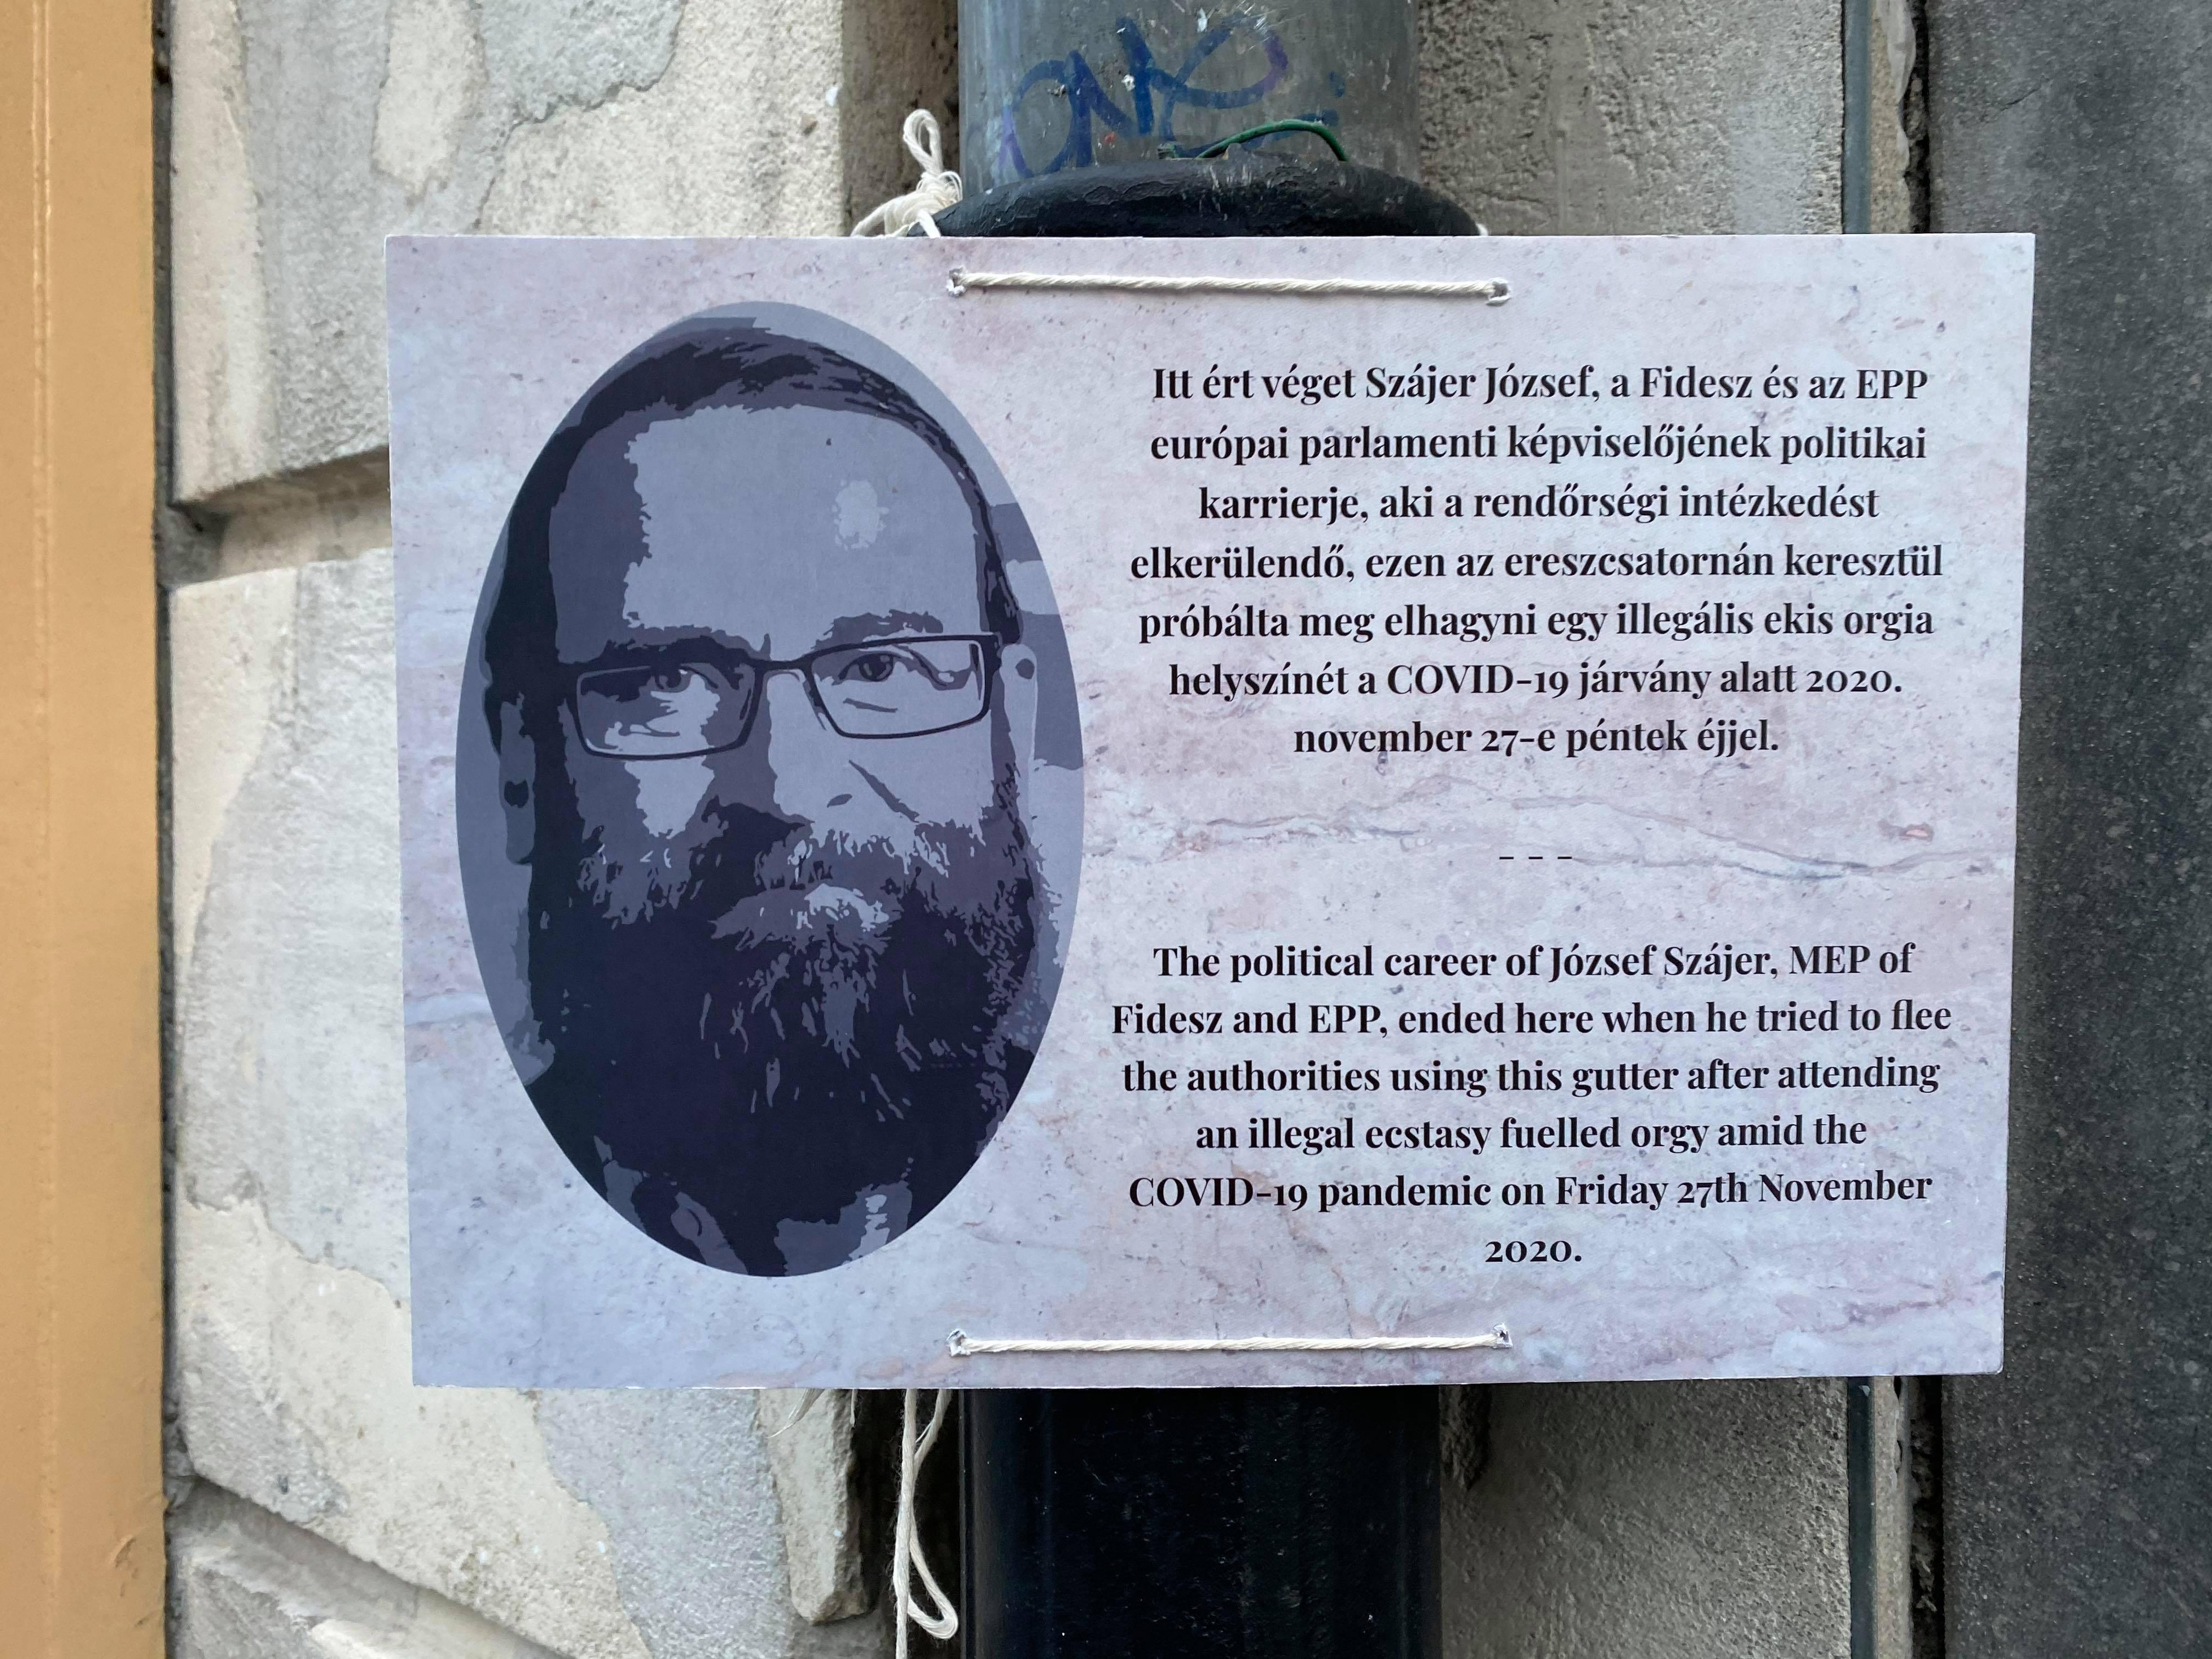 A Fidesz-szavazókat az álszentség bosszantja a leginkább a Szájer-botrányban